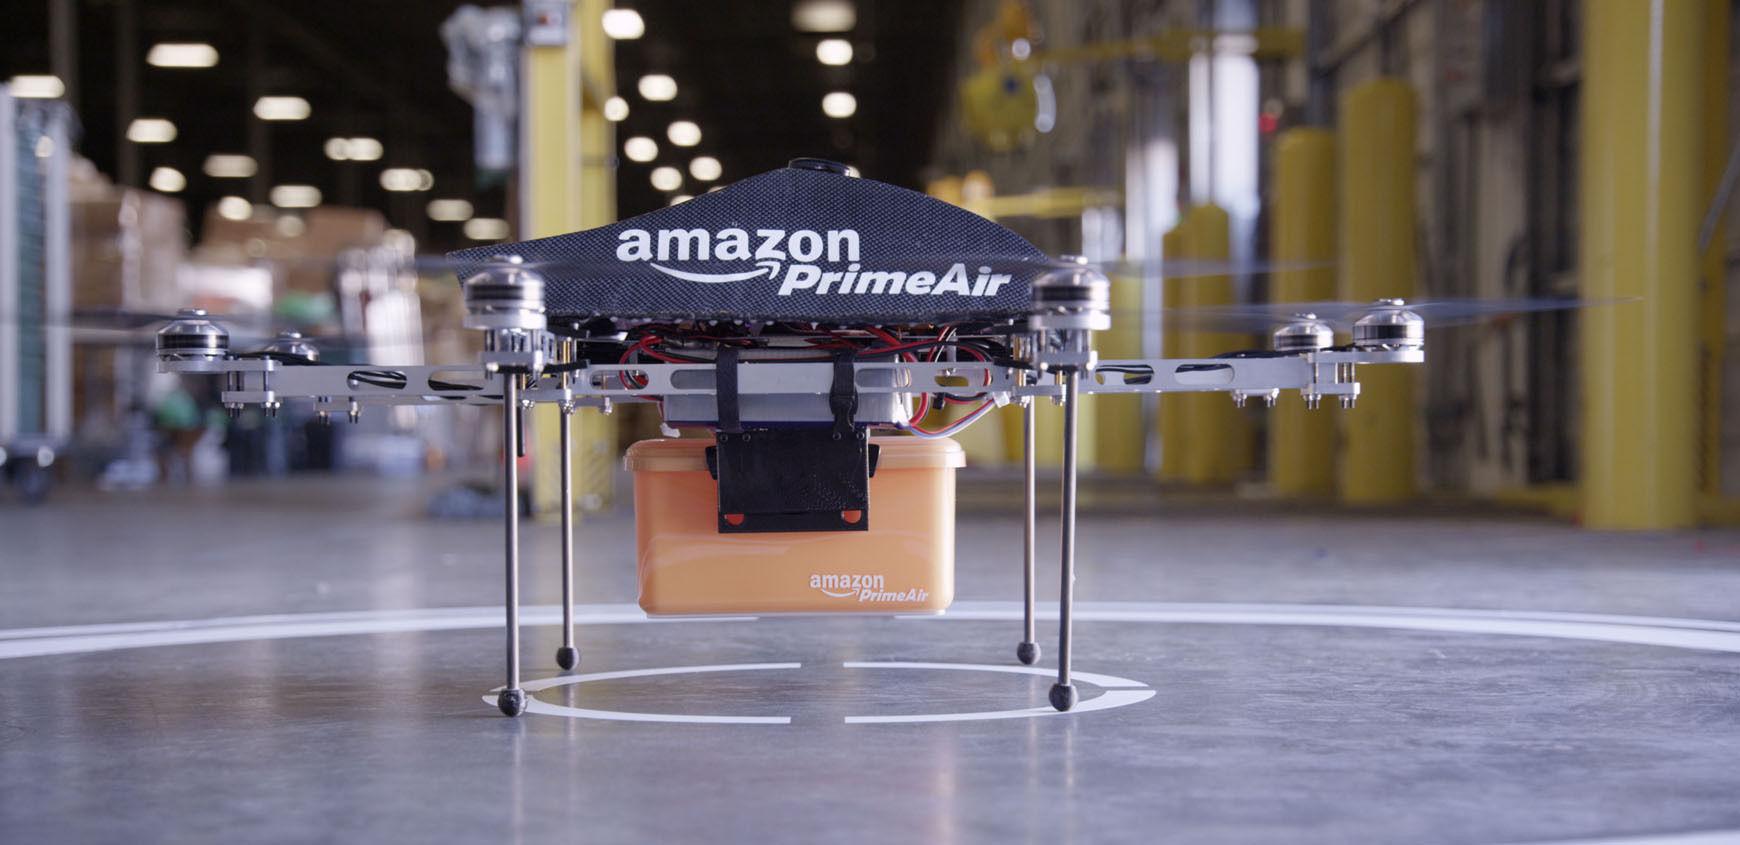 亚马逊无人机快递测试获美监管机构批准| 极客早知道 2015 年 3 月 20 日